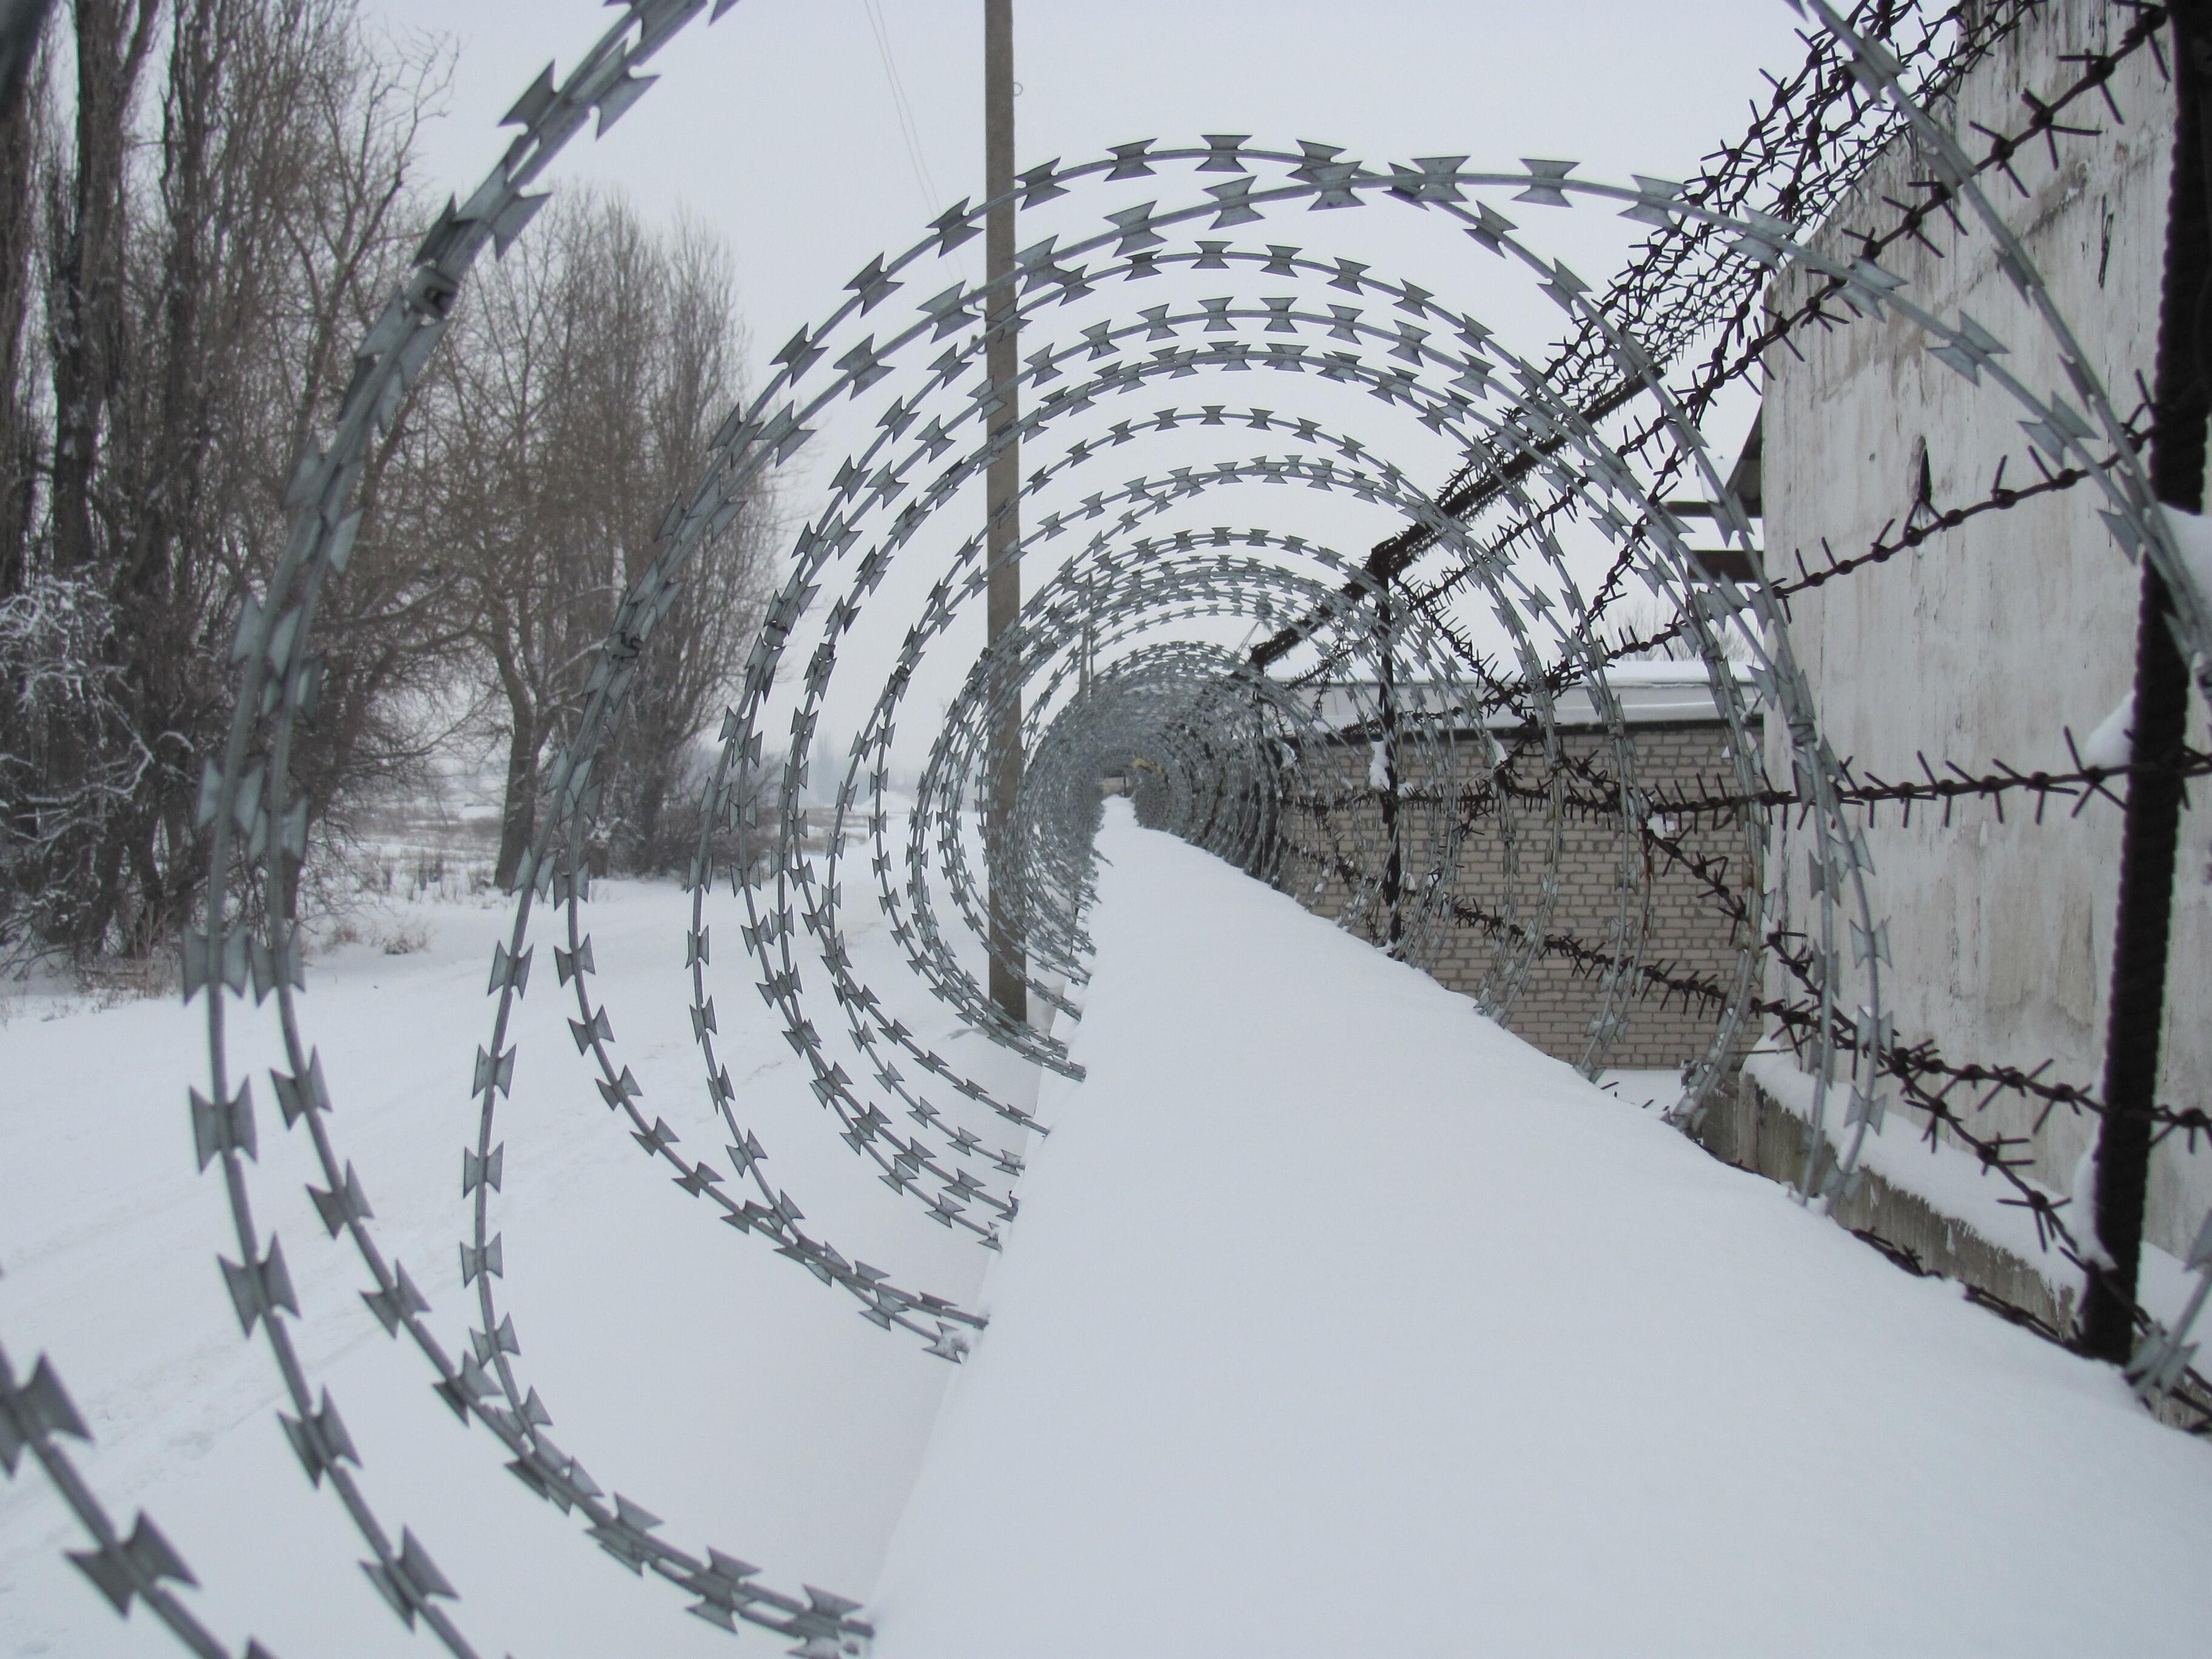 Судьба братьев Дашаевых. Осужденных из Чечни «исправляют» фальшивыми уголовными обвинениями и туберкулезом